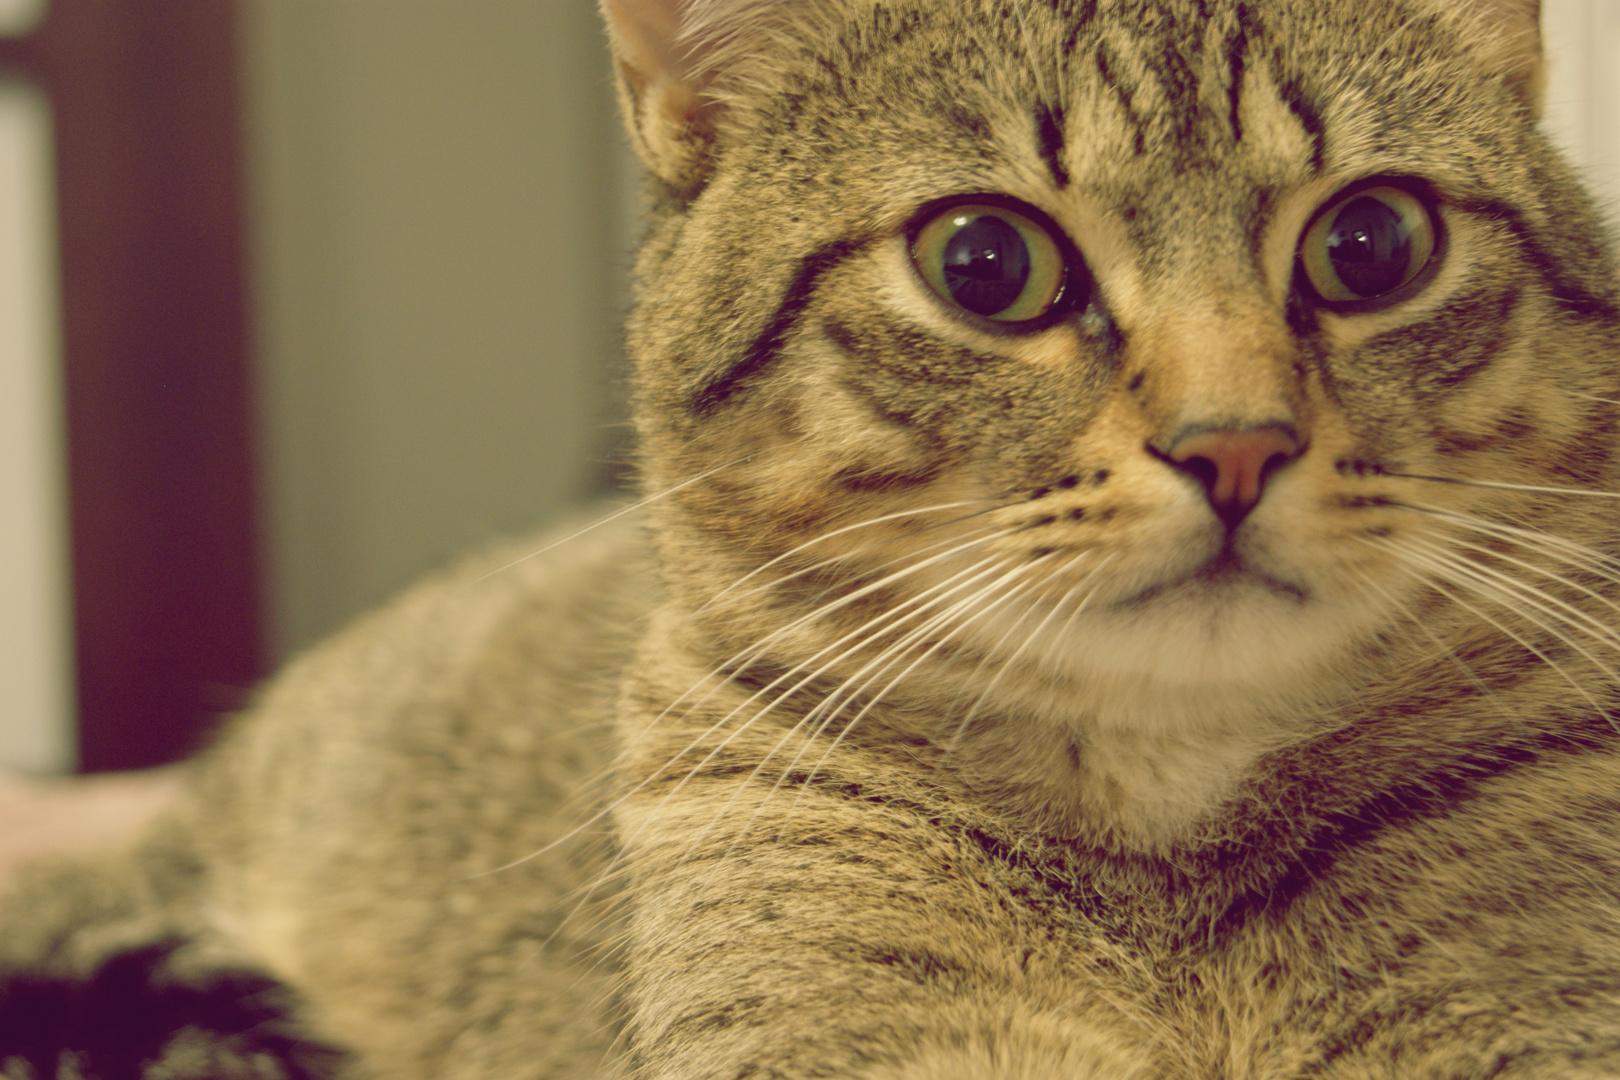 Dieu a inventé le chat pour que l'homme ait un tigre à caresser chez lui.